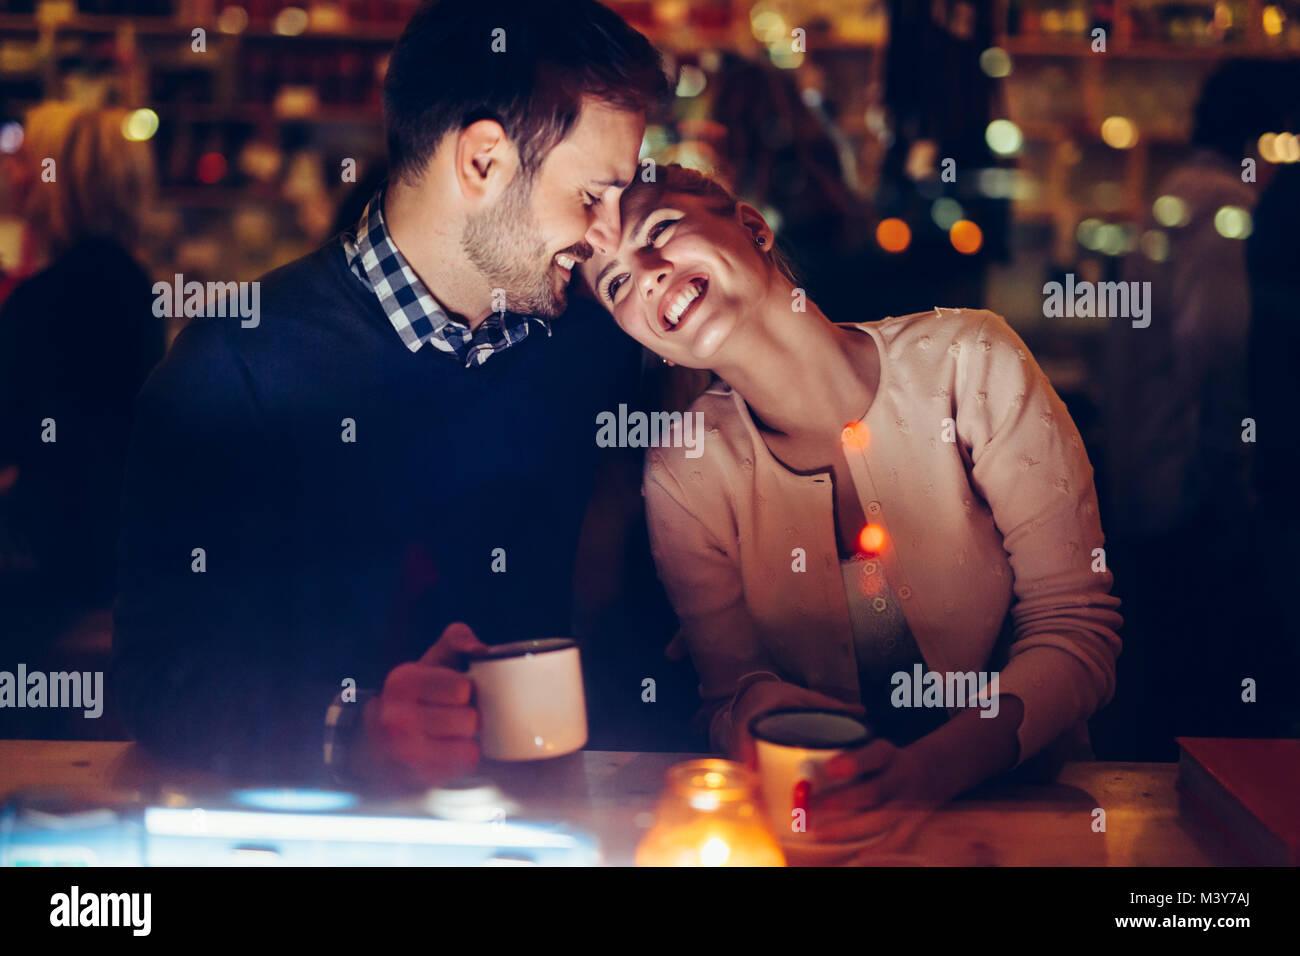 Romantisch zu zweit aus dem Pub in der Nacht Stockbild